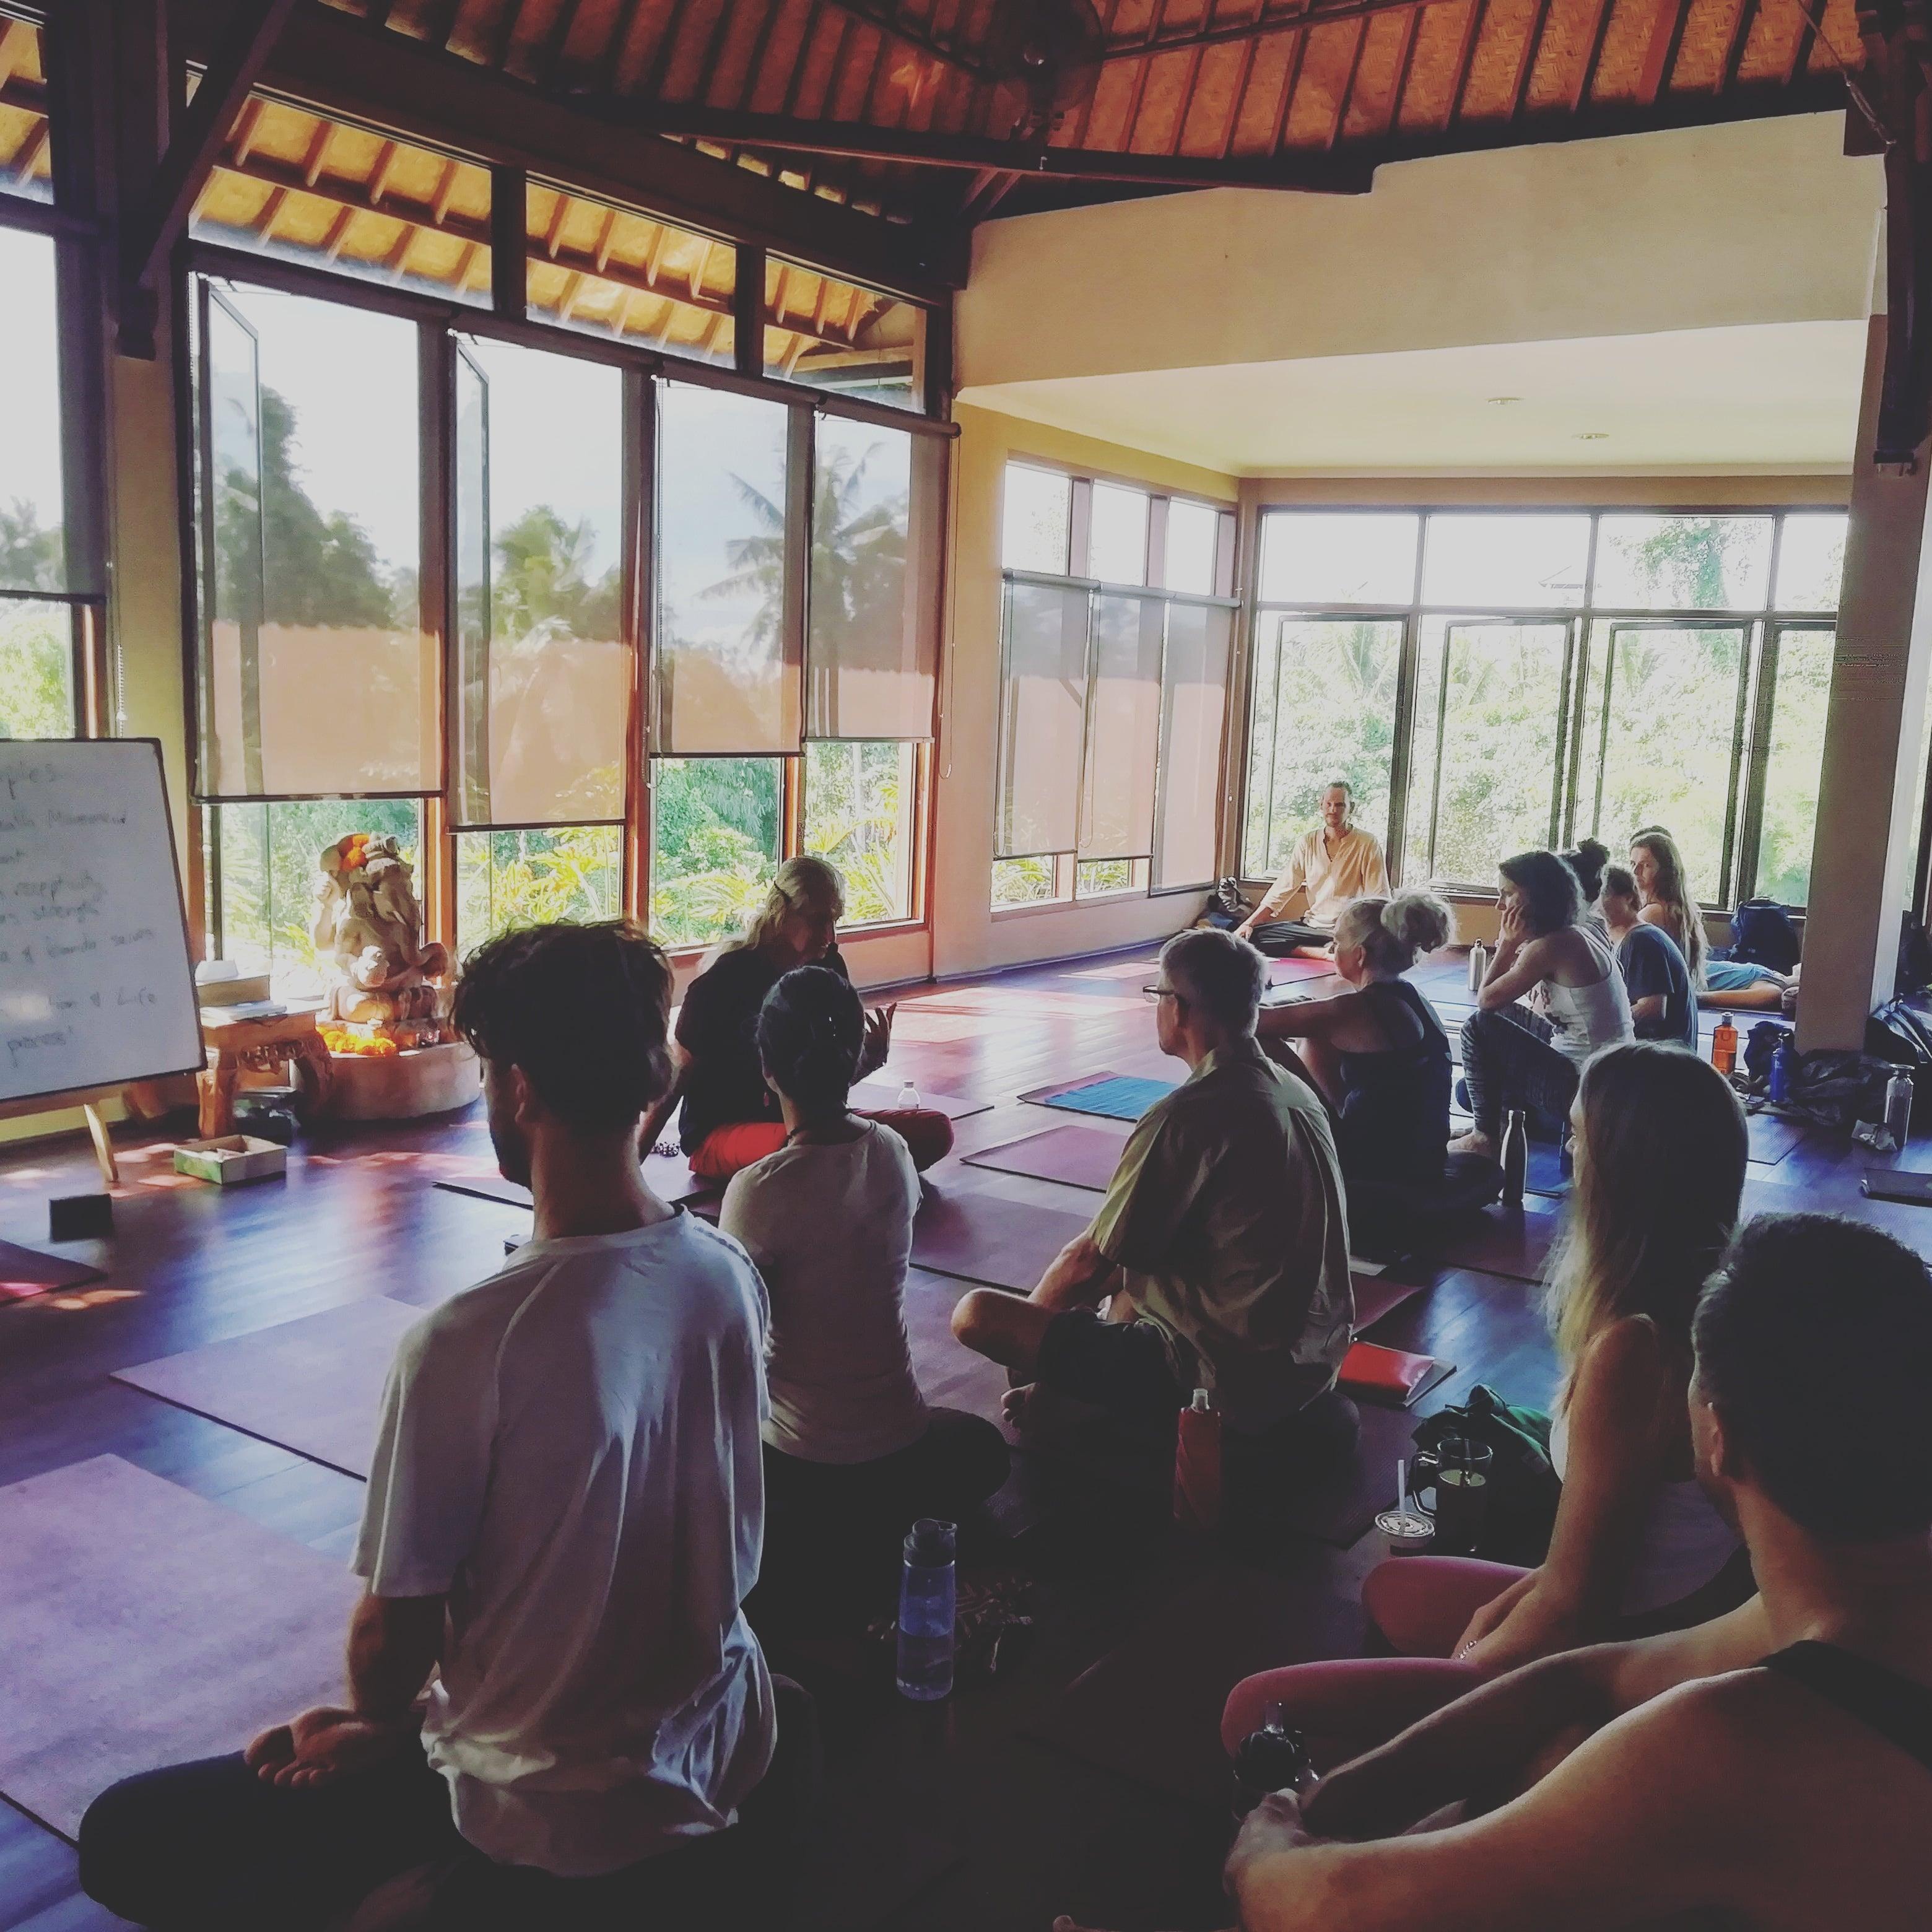 Yoga Barn Ubud Bali Indonesia